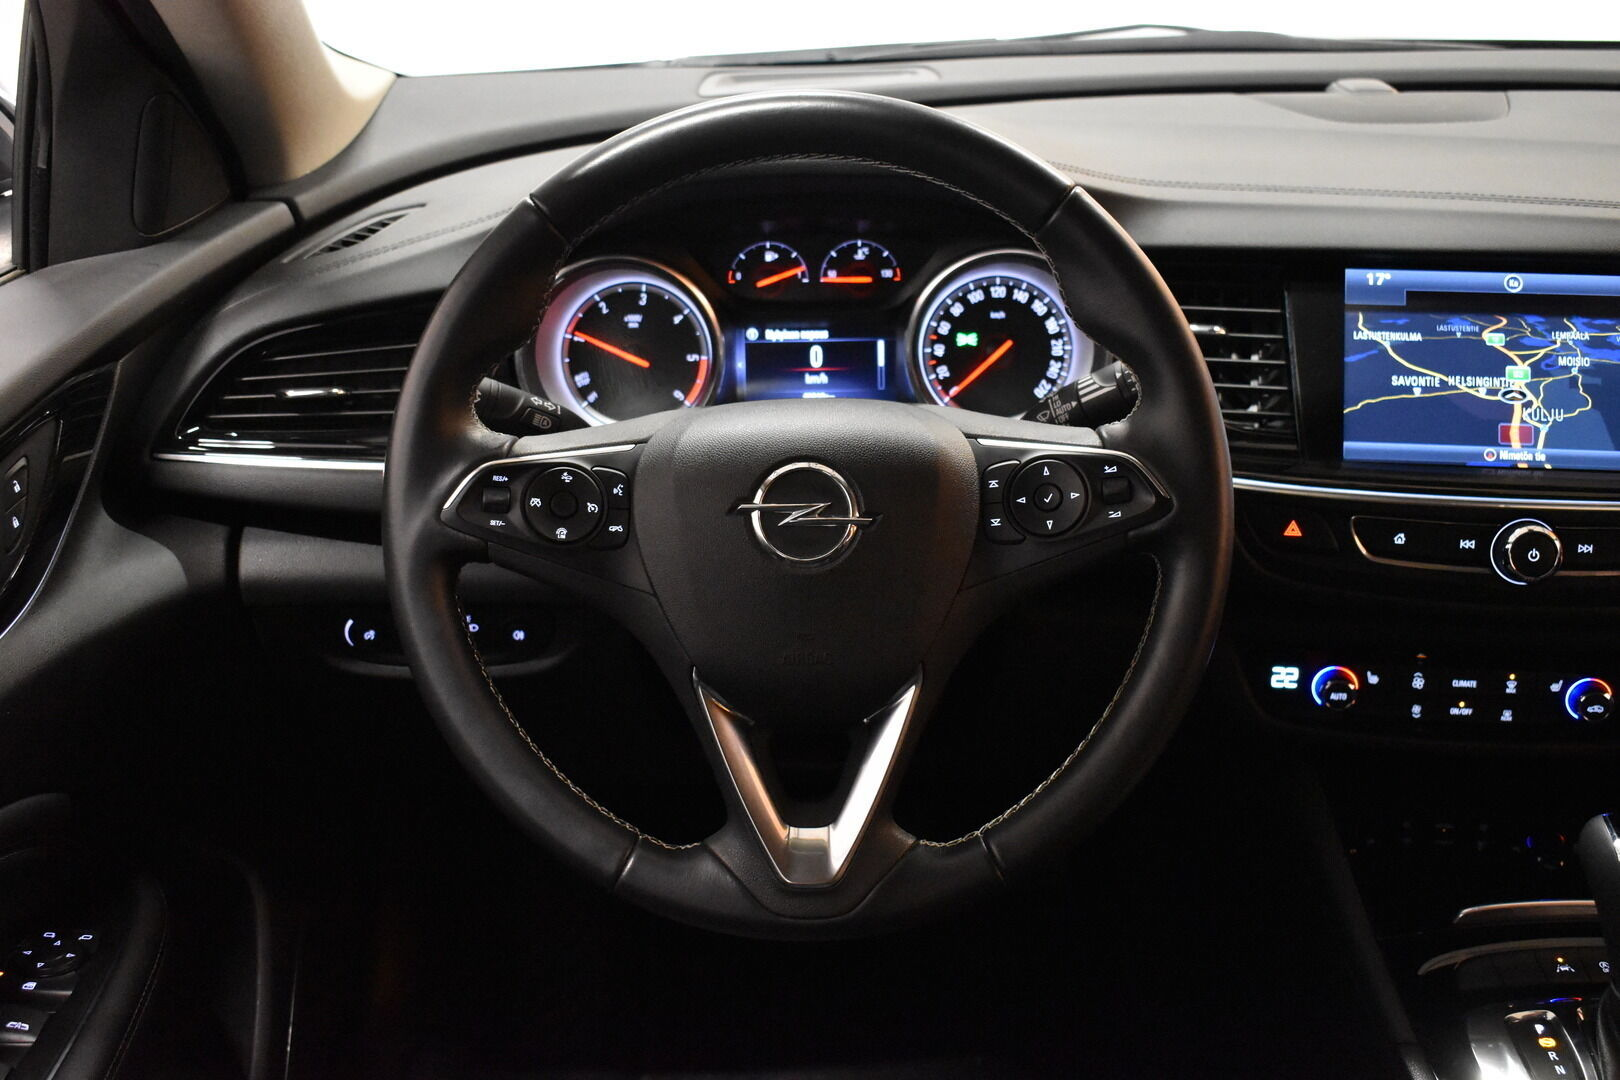 Musta Farmari, Opel Insignia – VAN-42819, kuva 13